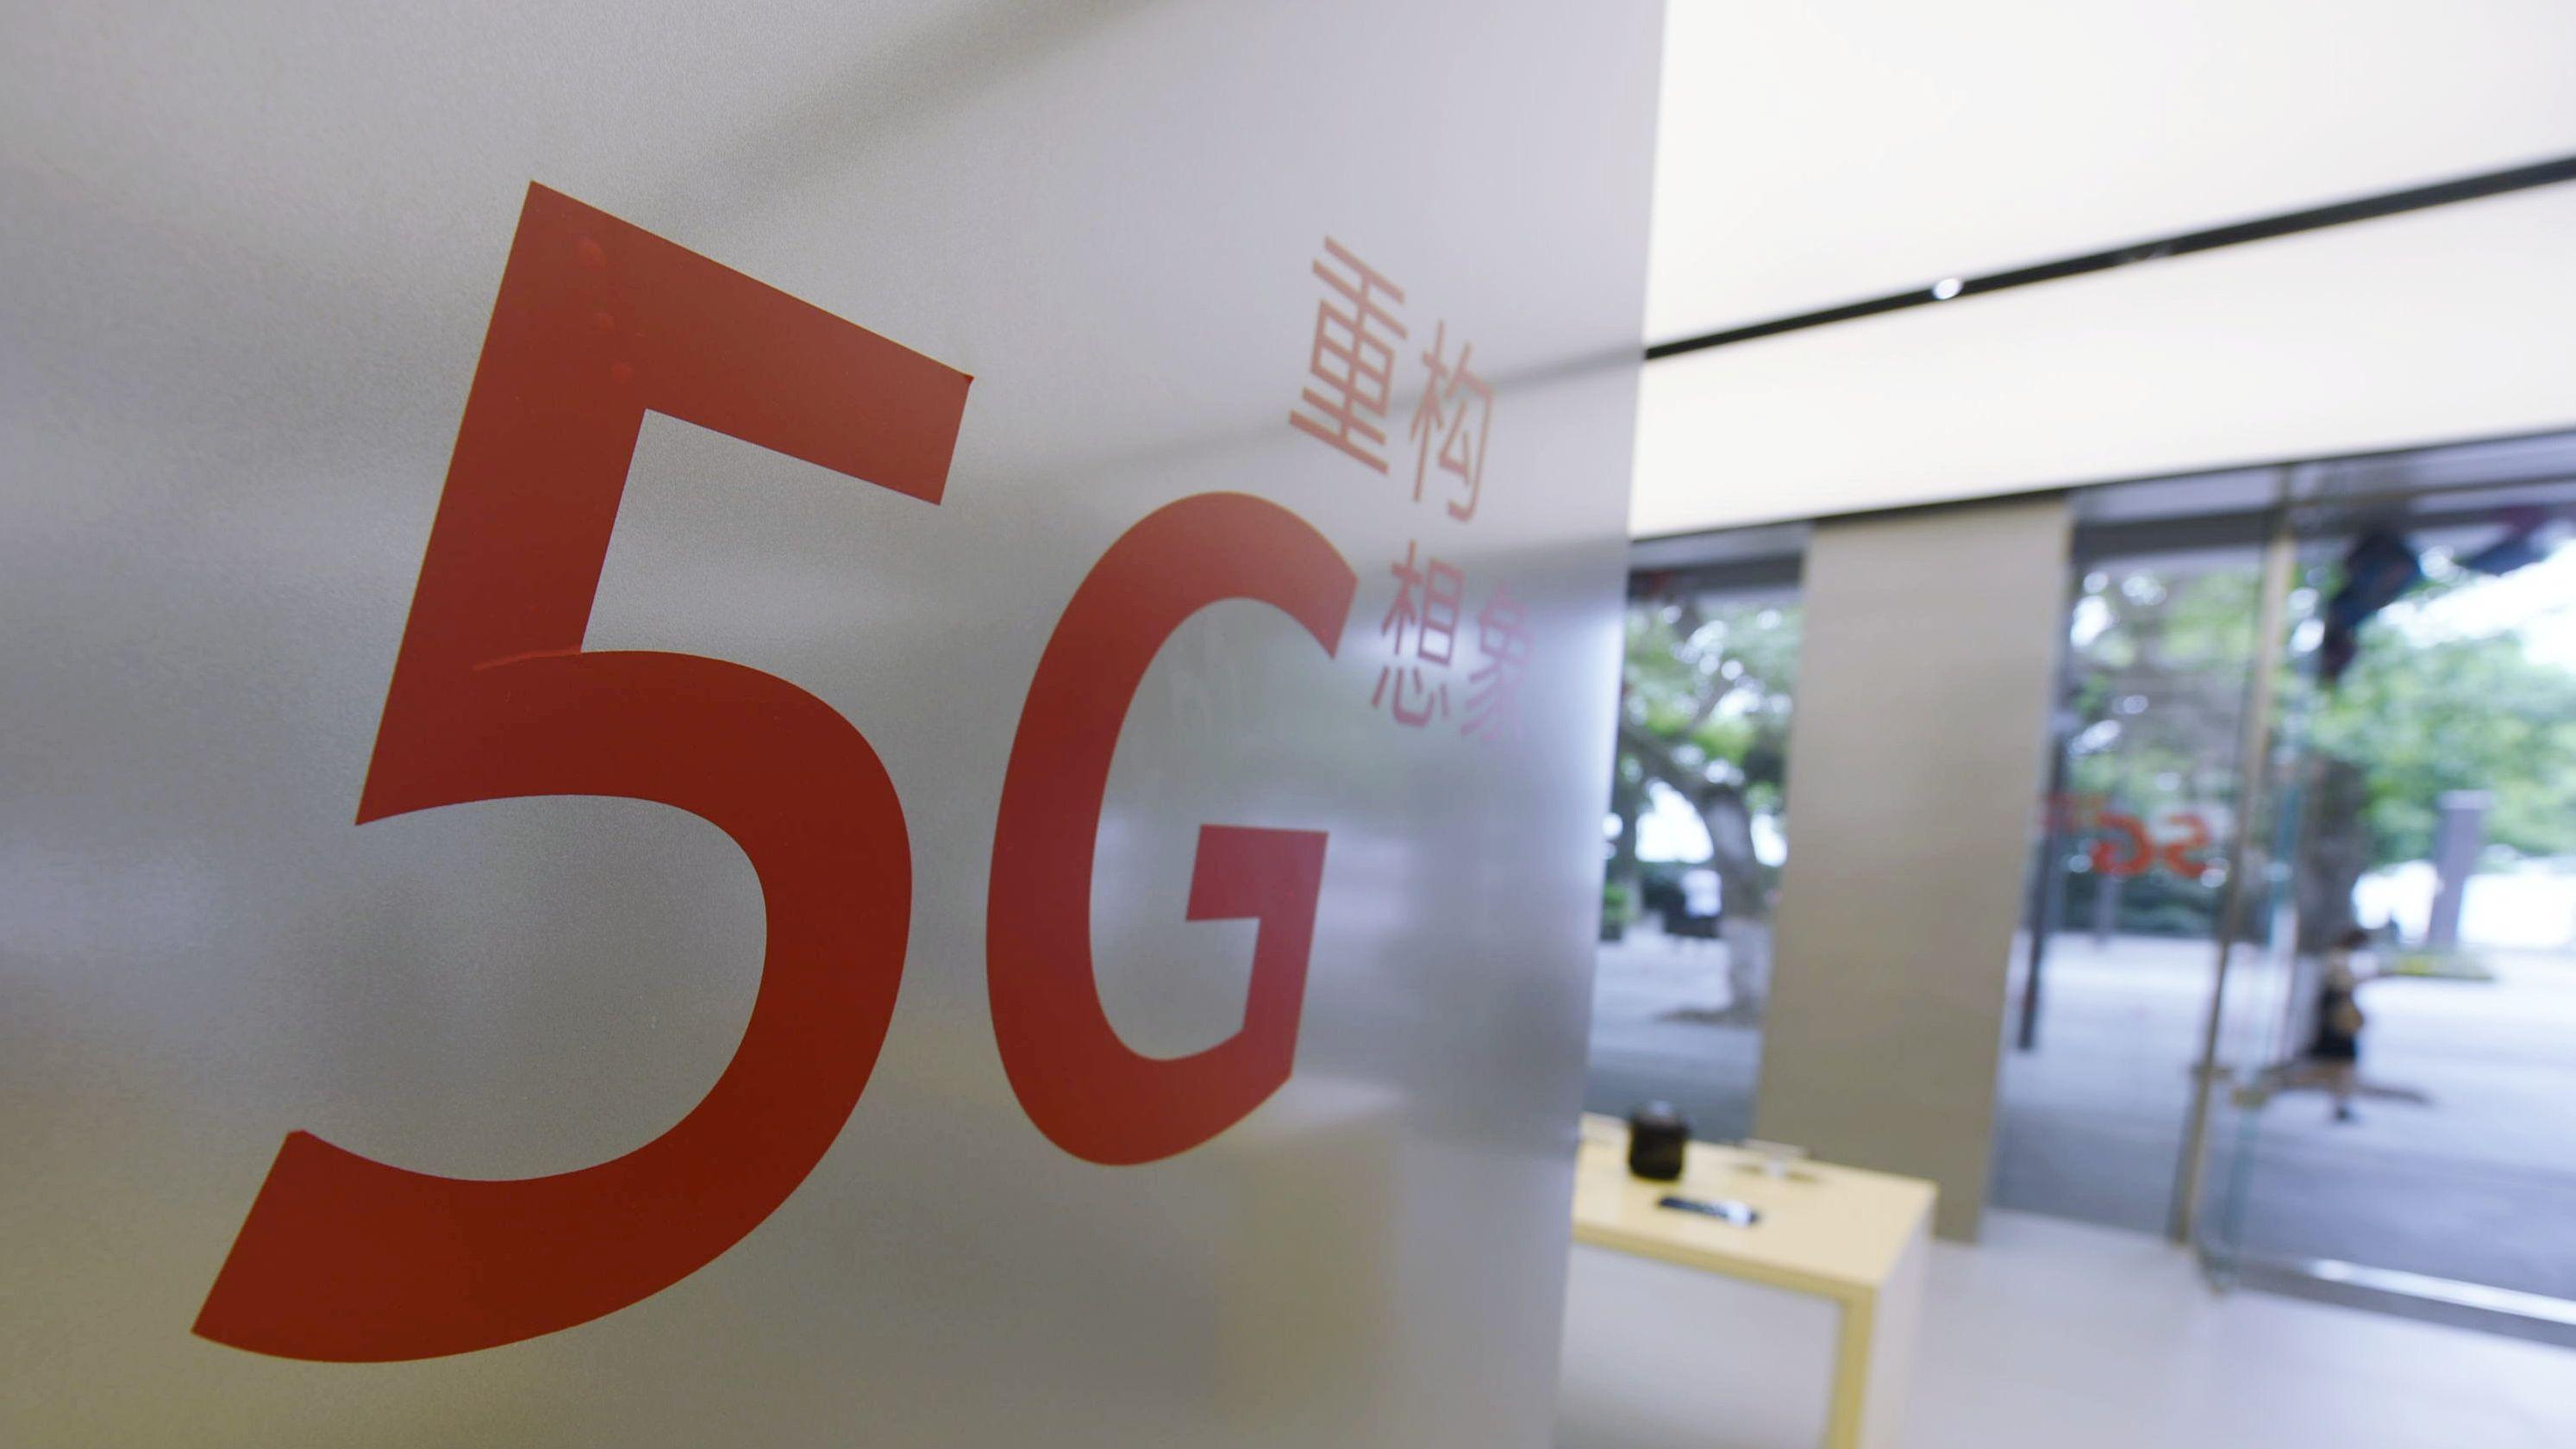 5G-Schriftzug in Huawei-Filiale